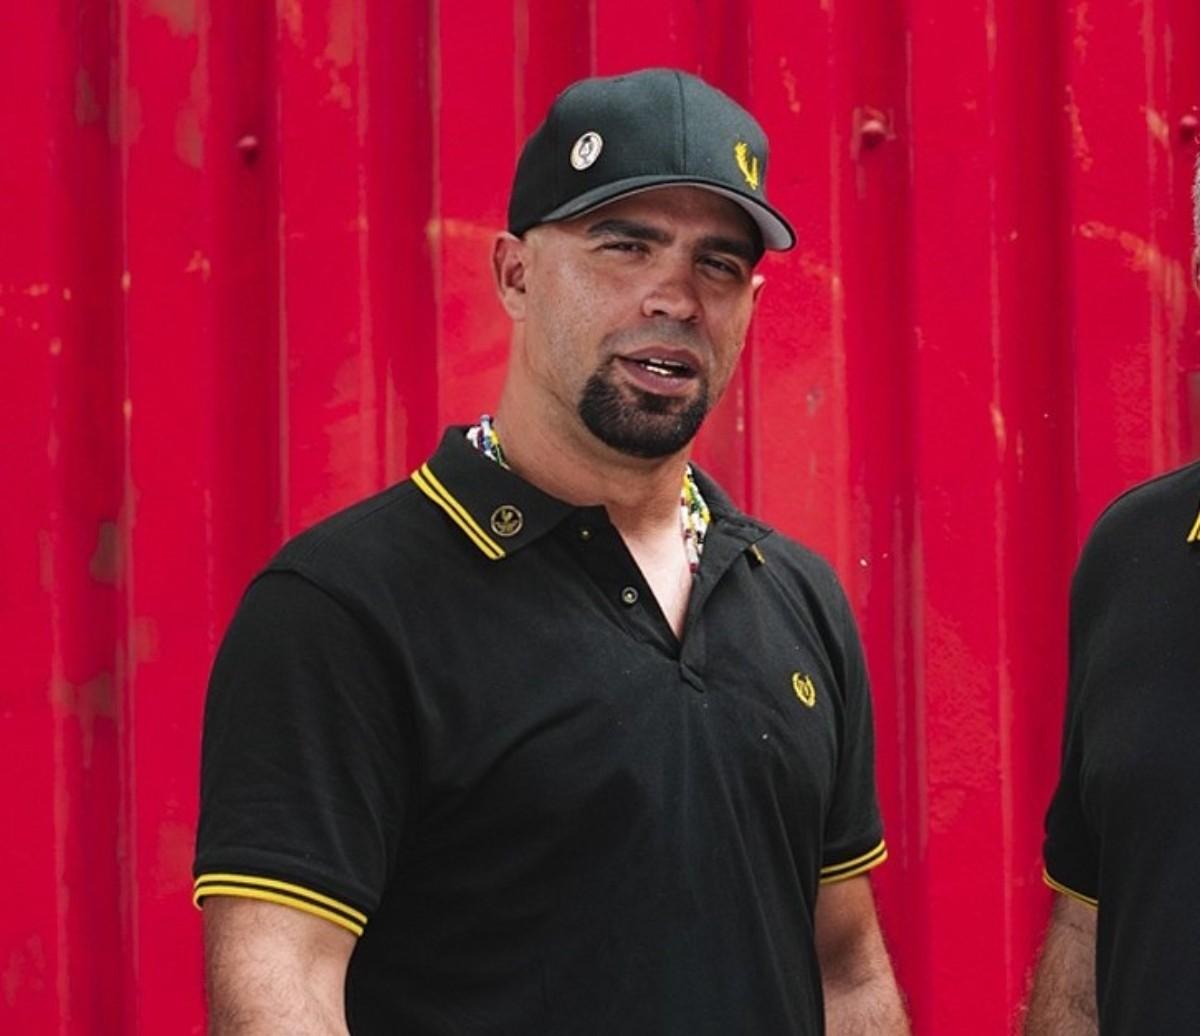 Enrique Tarrio